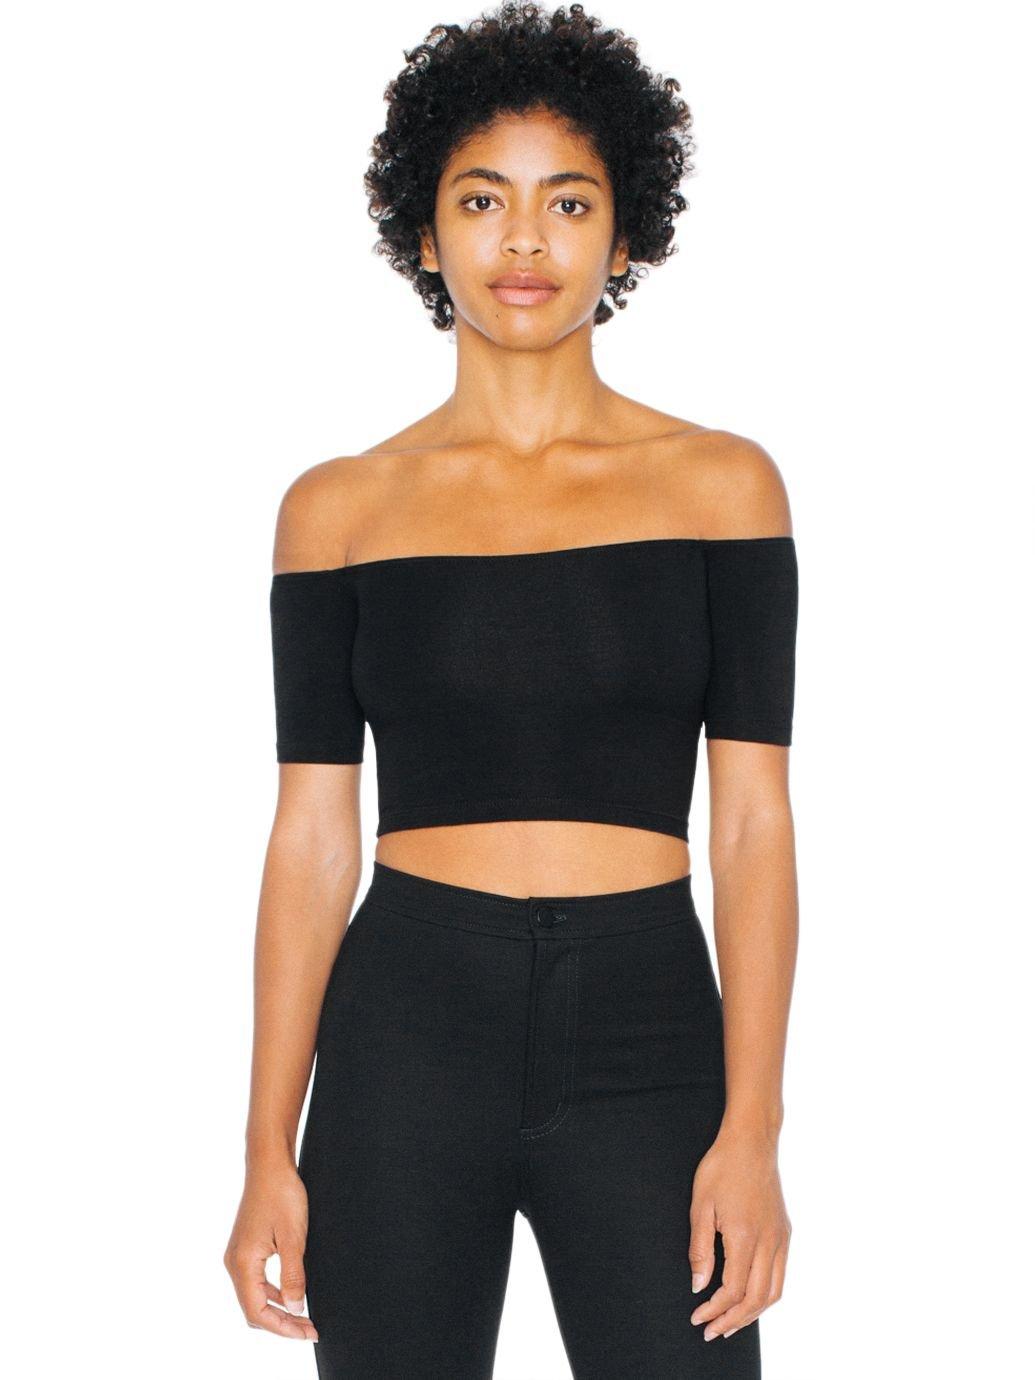 American Apparel Women's Cotton Spandex Off-Shoulder Top, Black, Medium